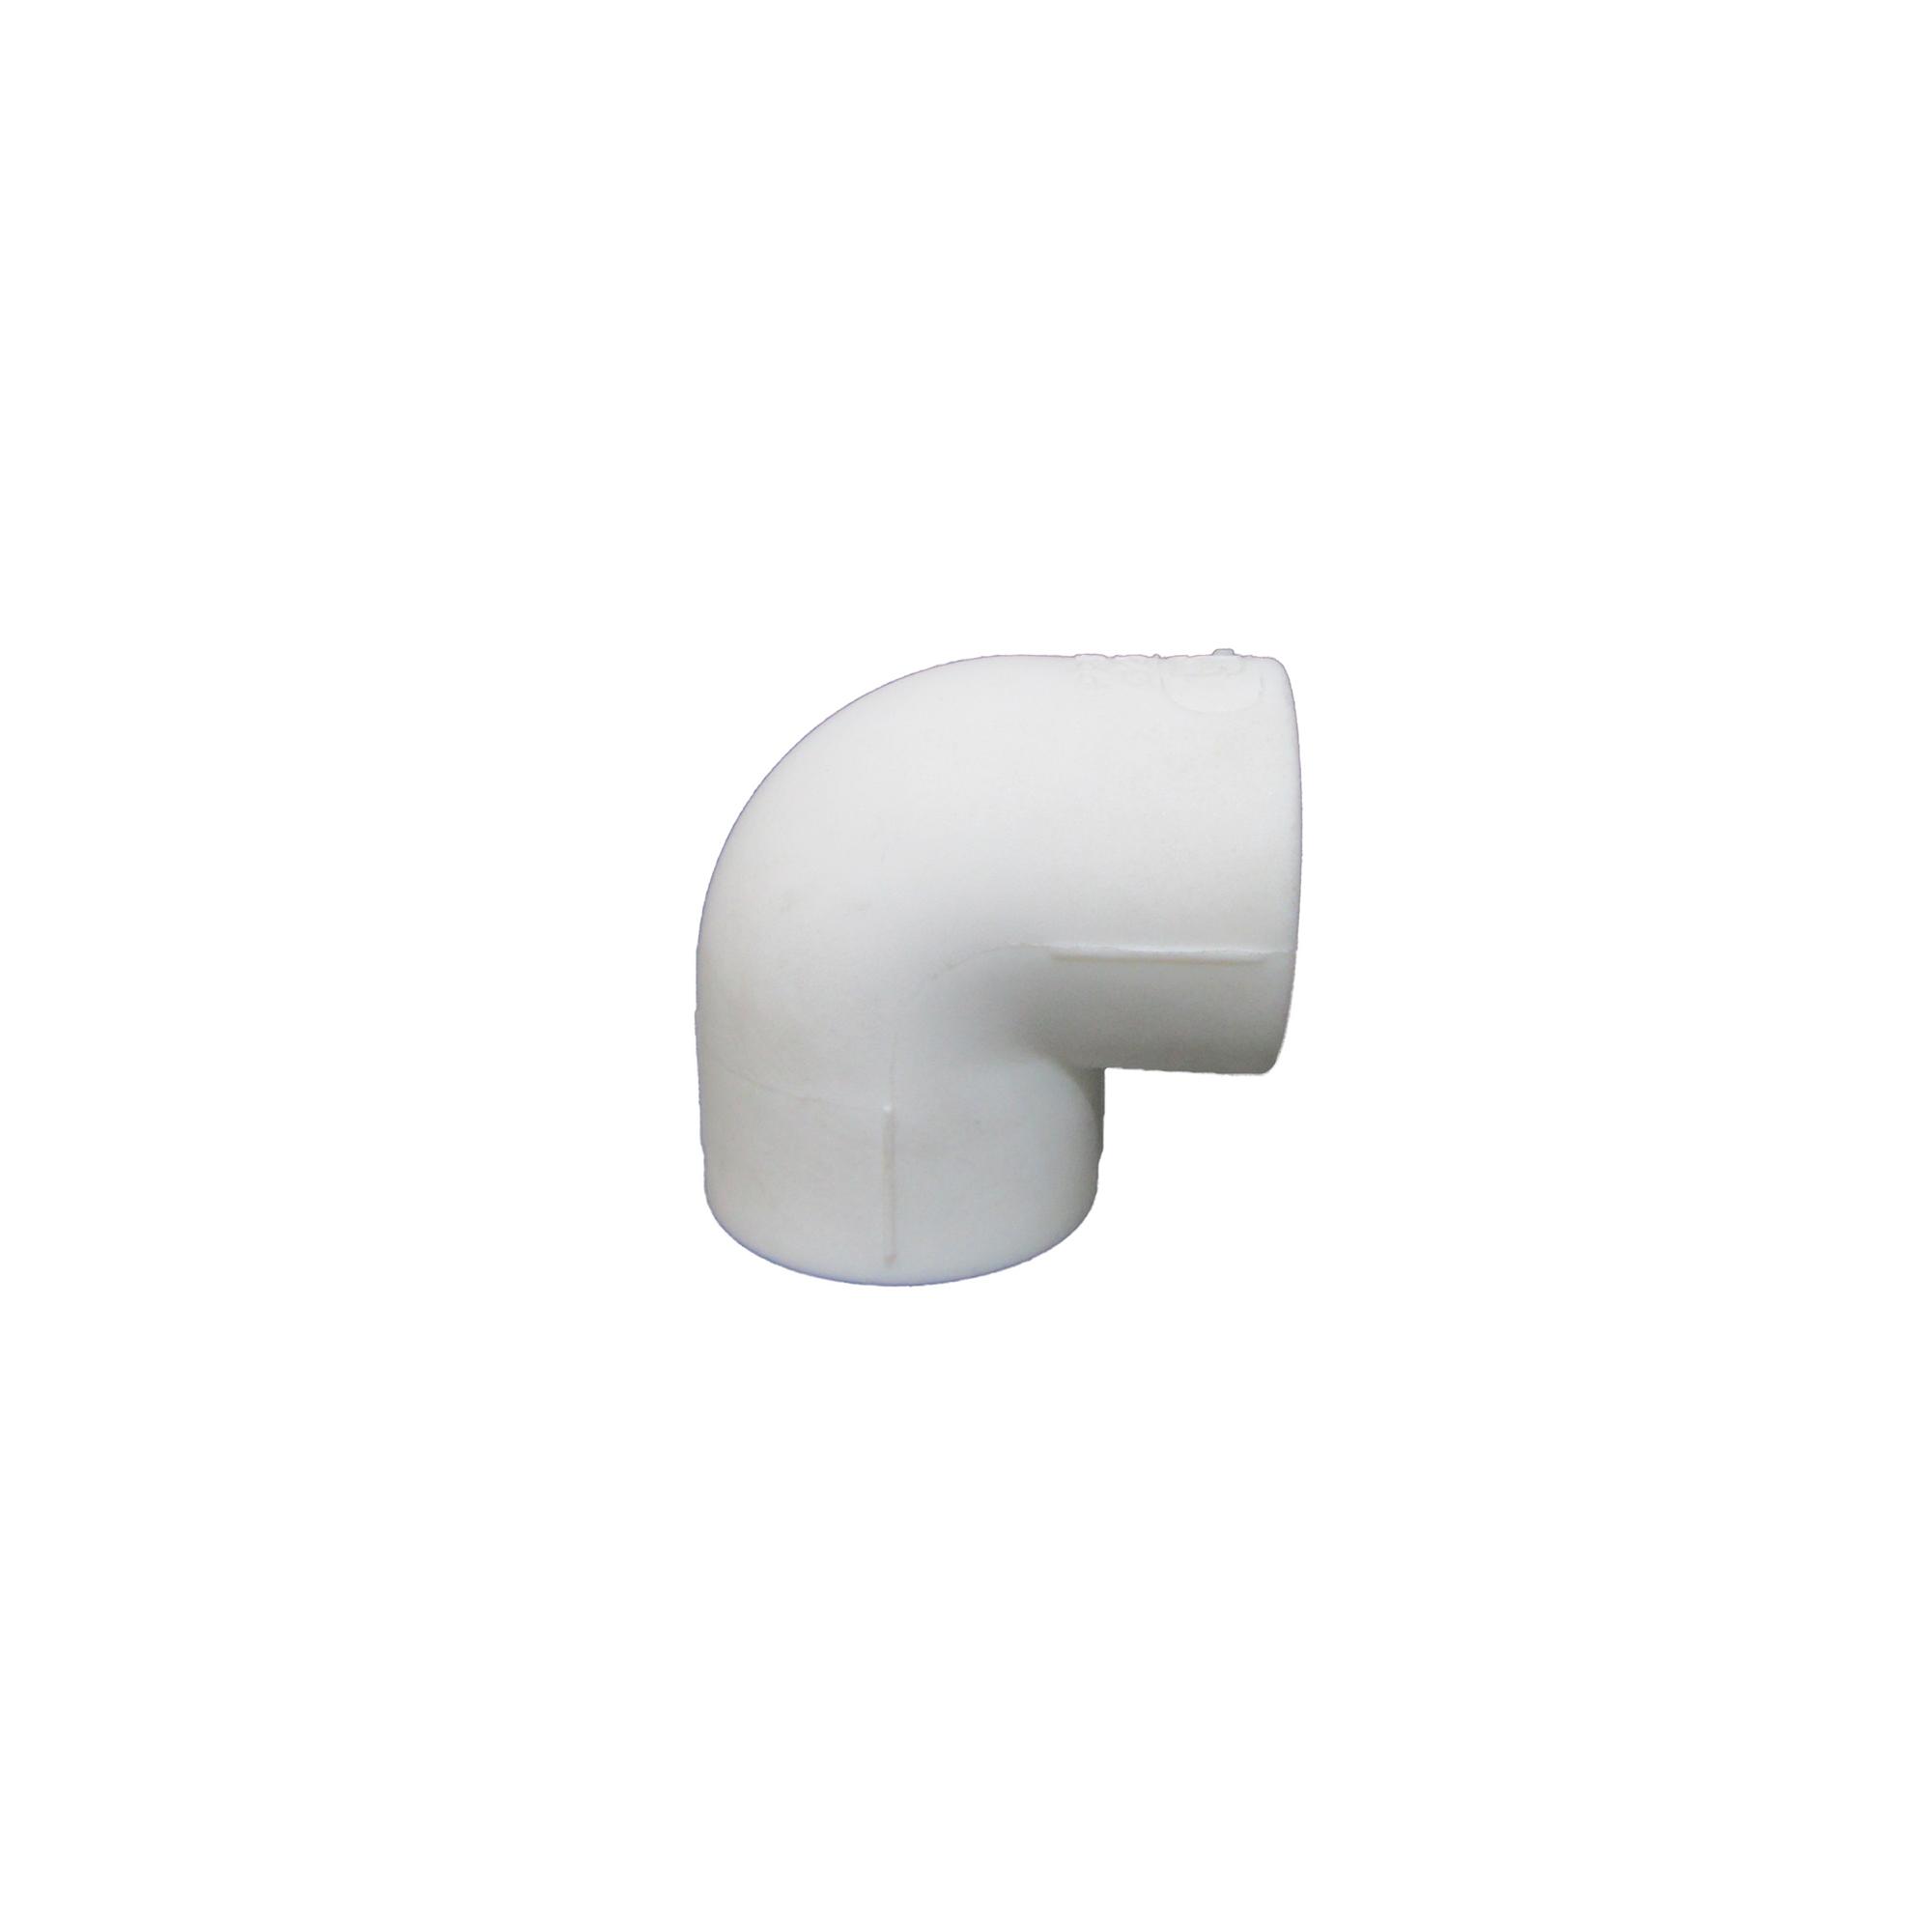 اتصال زانویی کد ۲۰ بسته ۵ عددی              ( قیمت عمده )